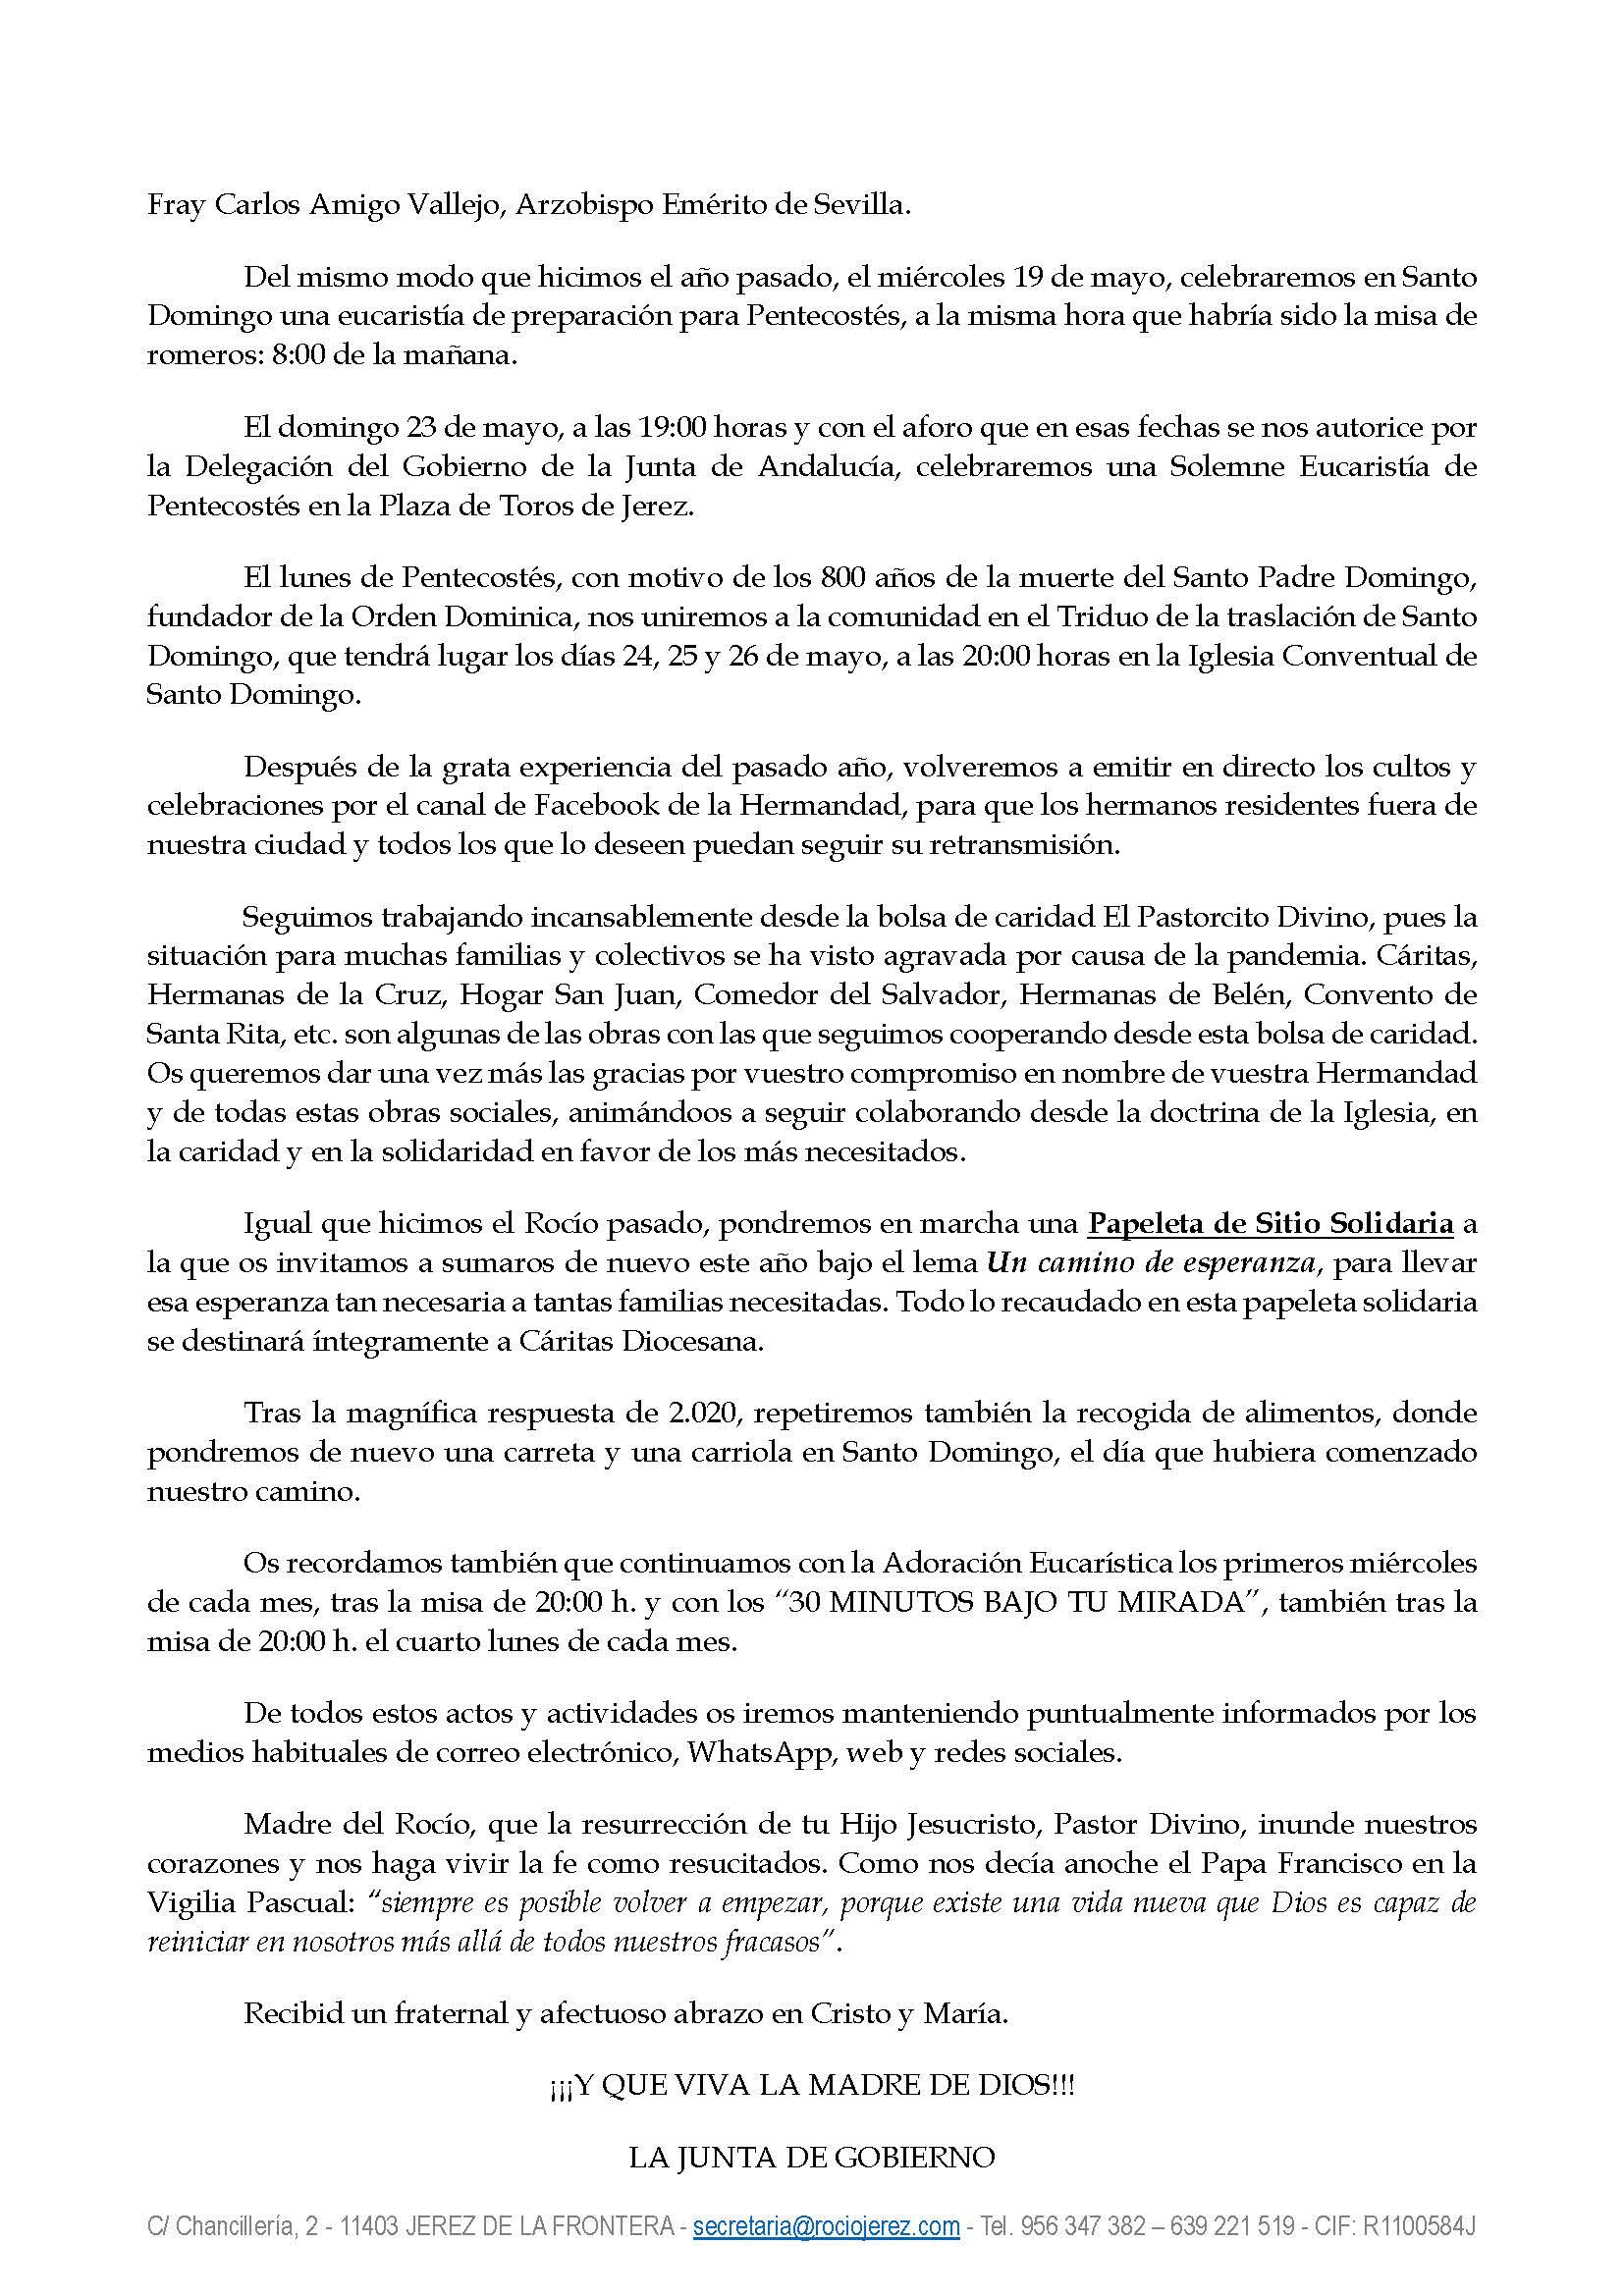 rocio-2021-hermandad-rocio-de-jerez-de-la-frontera-04-04-2021_pagina_2.jpg